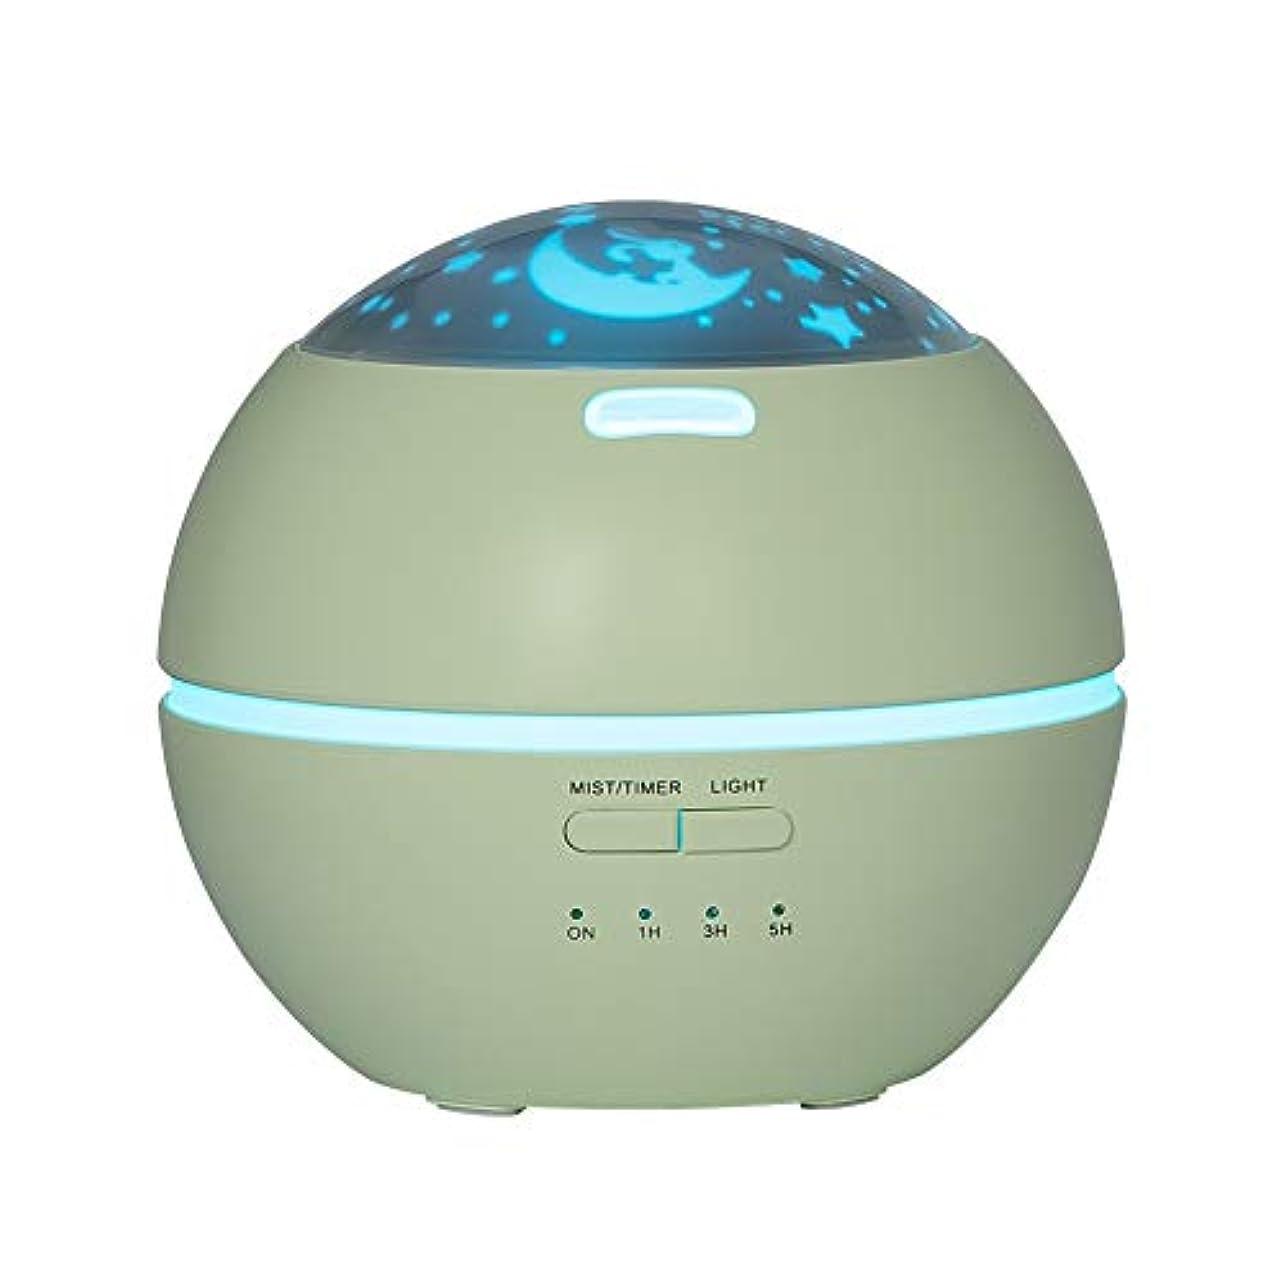 ワイドわずかなスマイルLIBESON 加湿器 卓上 超音波式 アロマディフューザー 8色LEDライト変換 超静音 ミス調整可能 時間設定タイマー機能付き 空焚き防止機能搭載 アロマ加湿器 ホワイト150mL (グリーン)